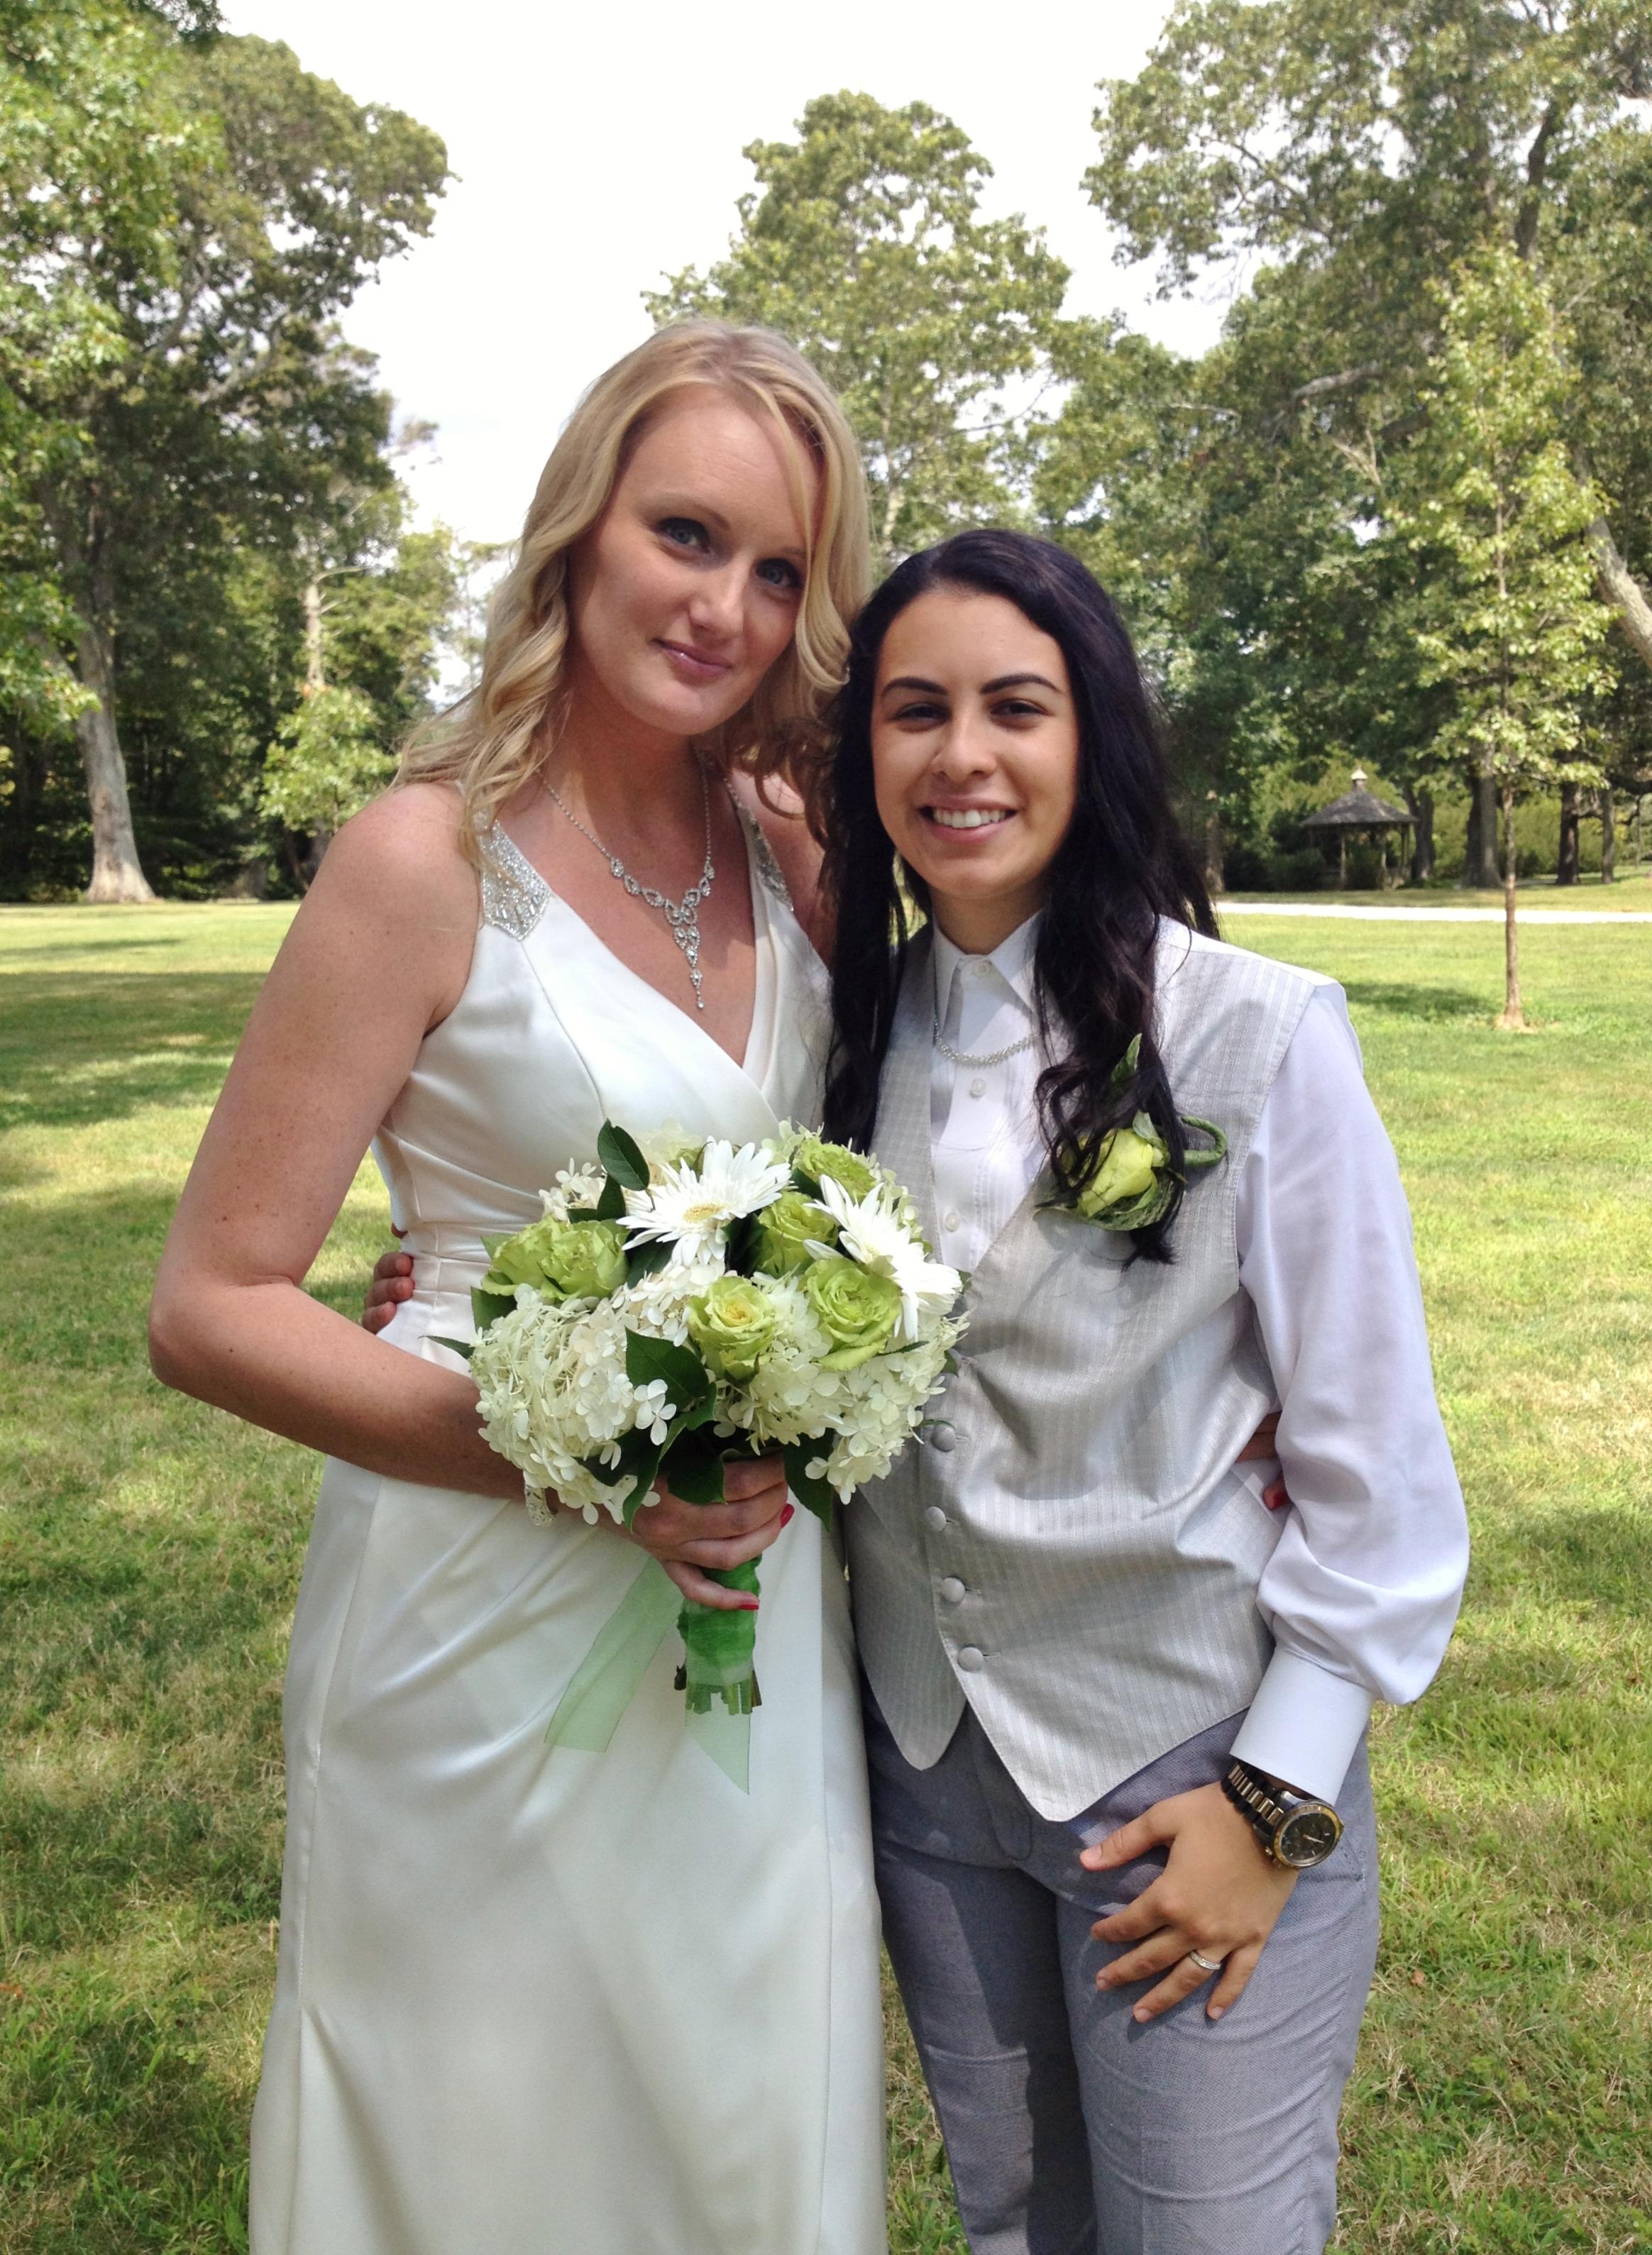 outdoor-wedding-couple-yourstoryceremonies.JPG